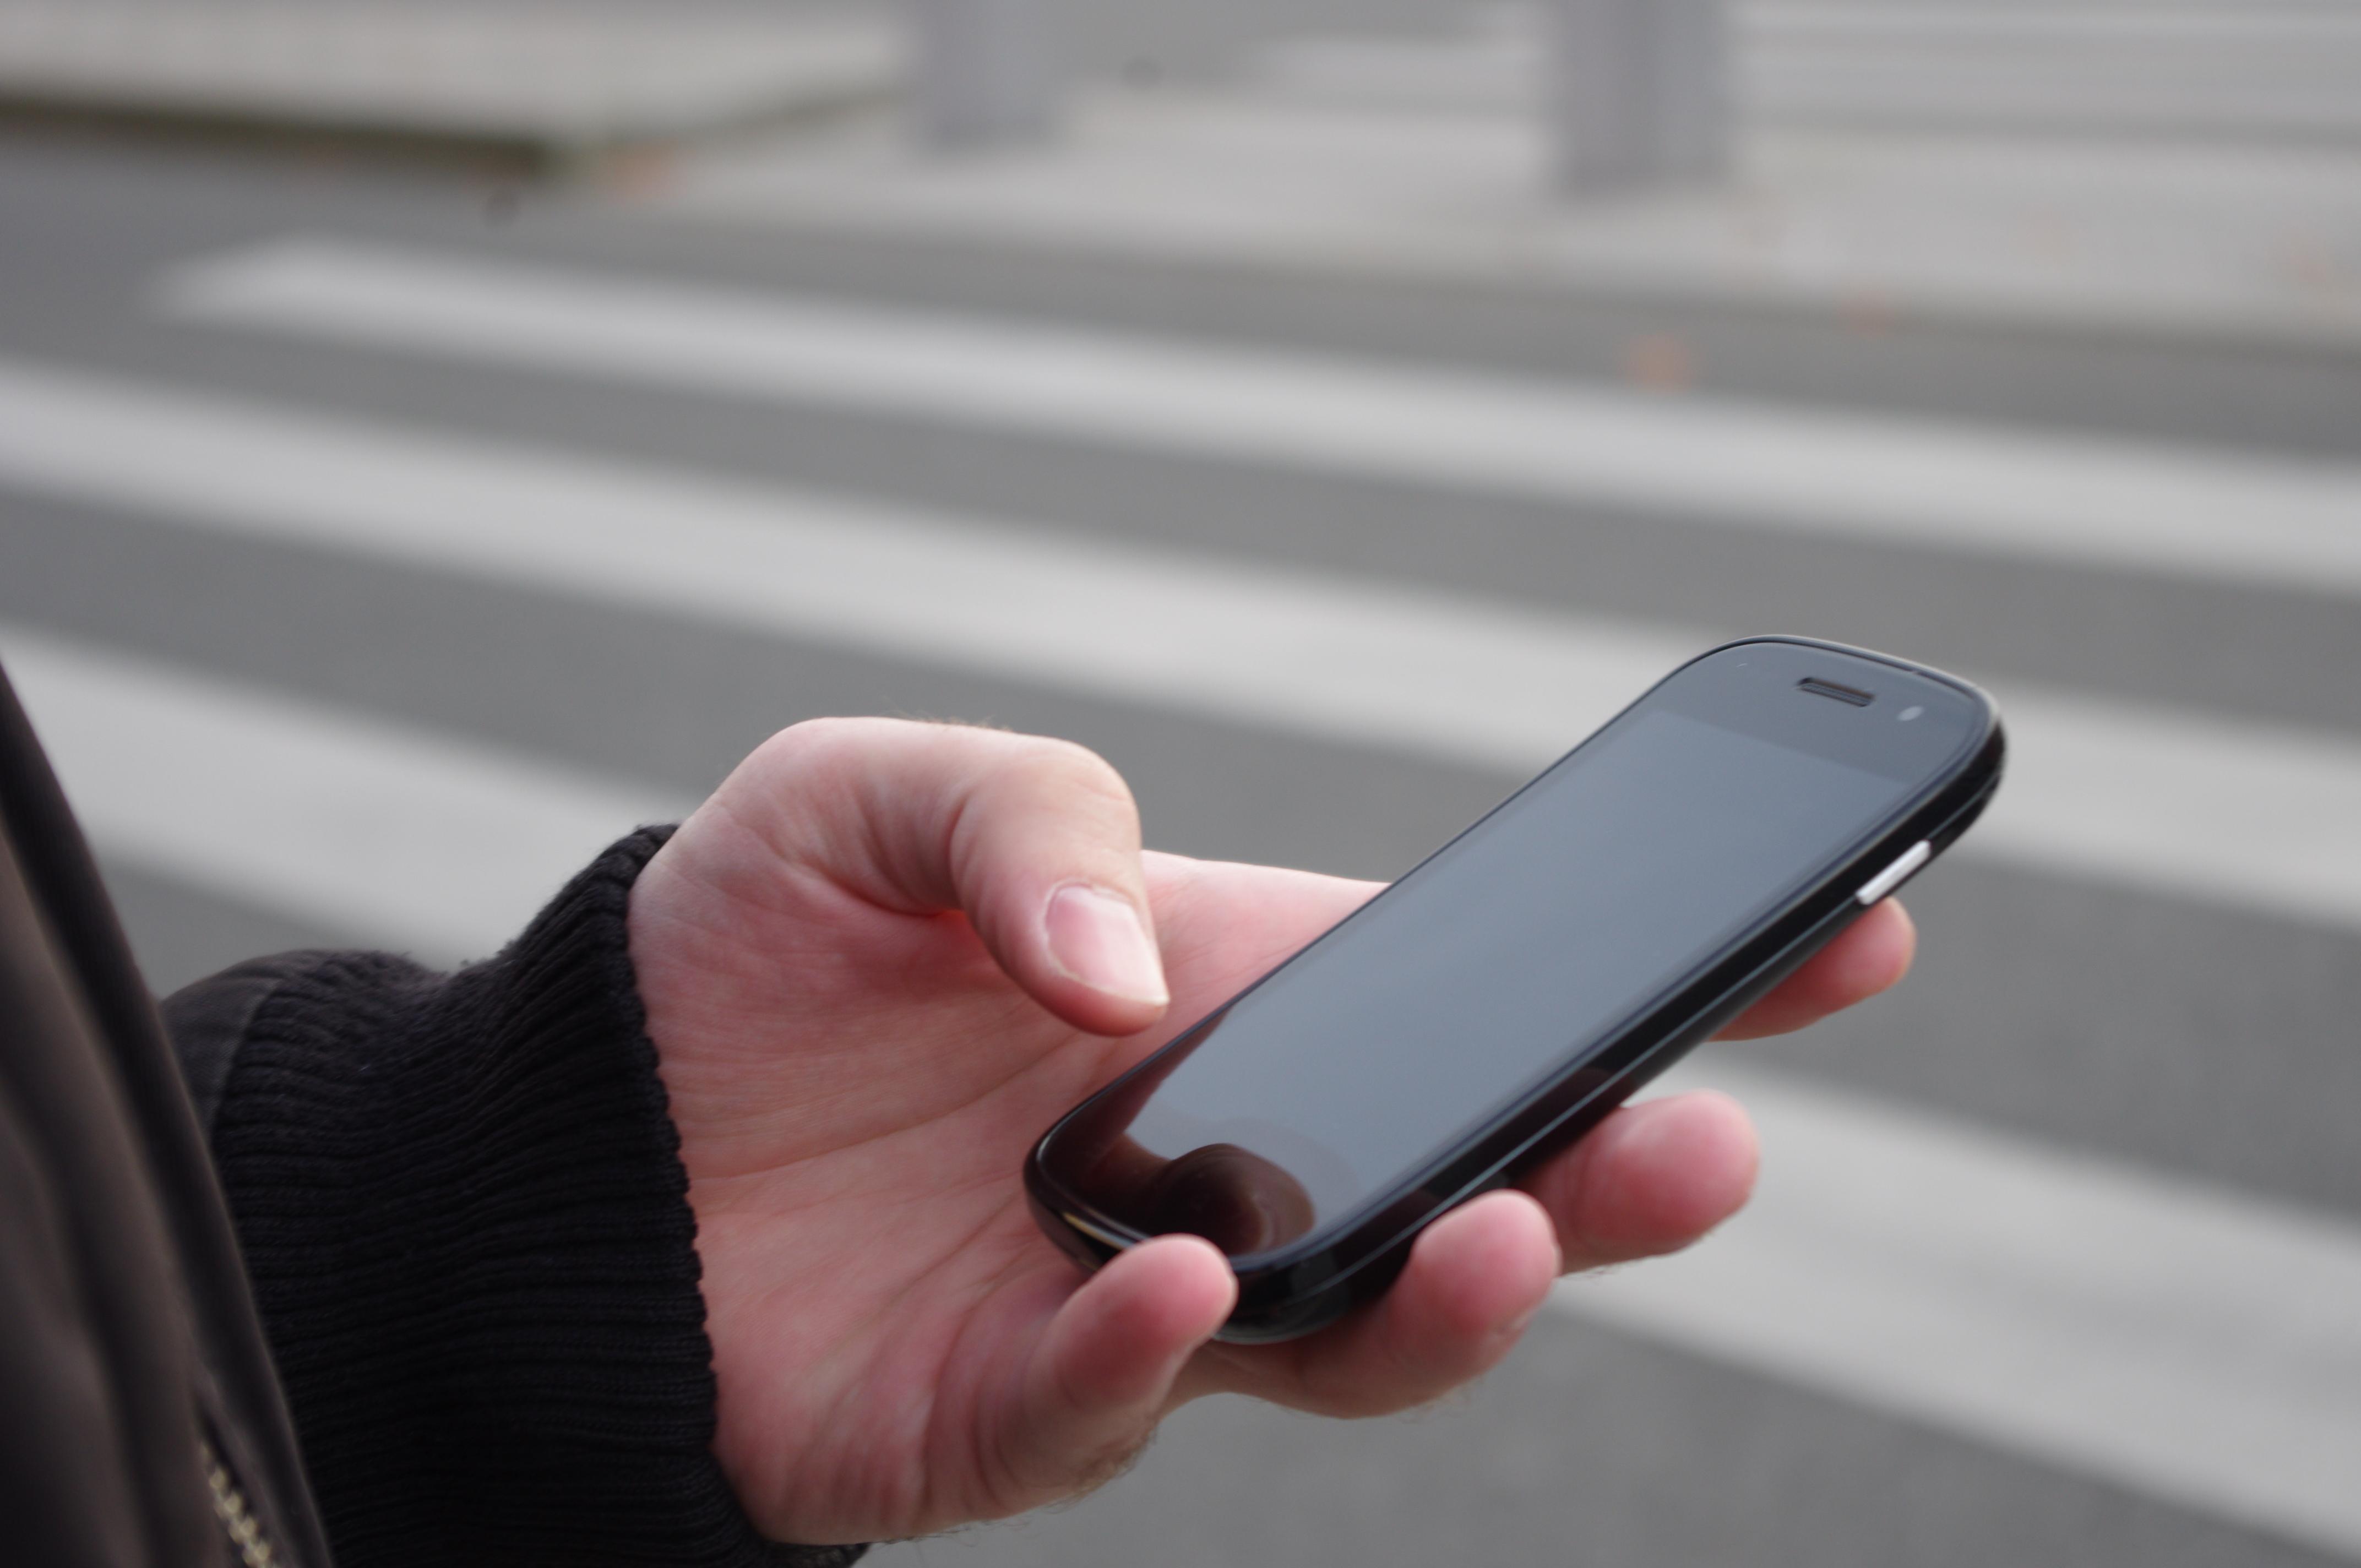 Le téléphone, le pire ennemi des délinquants